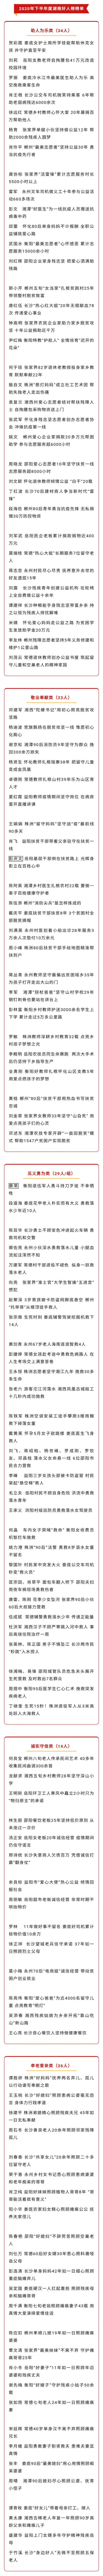 """致敬""""湖南好人"""" 2020年下半年度""""湖南好人榜""""发布"""